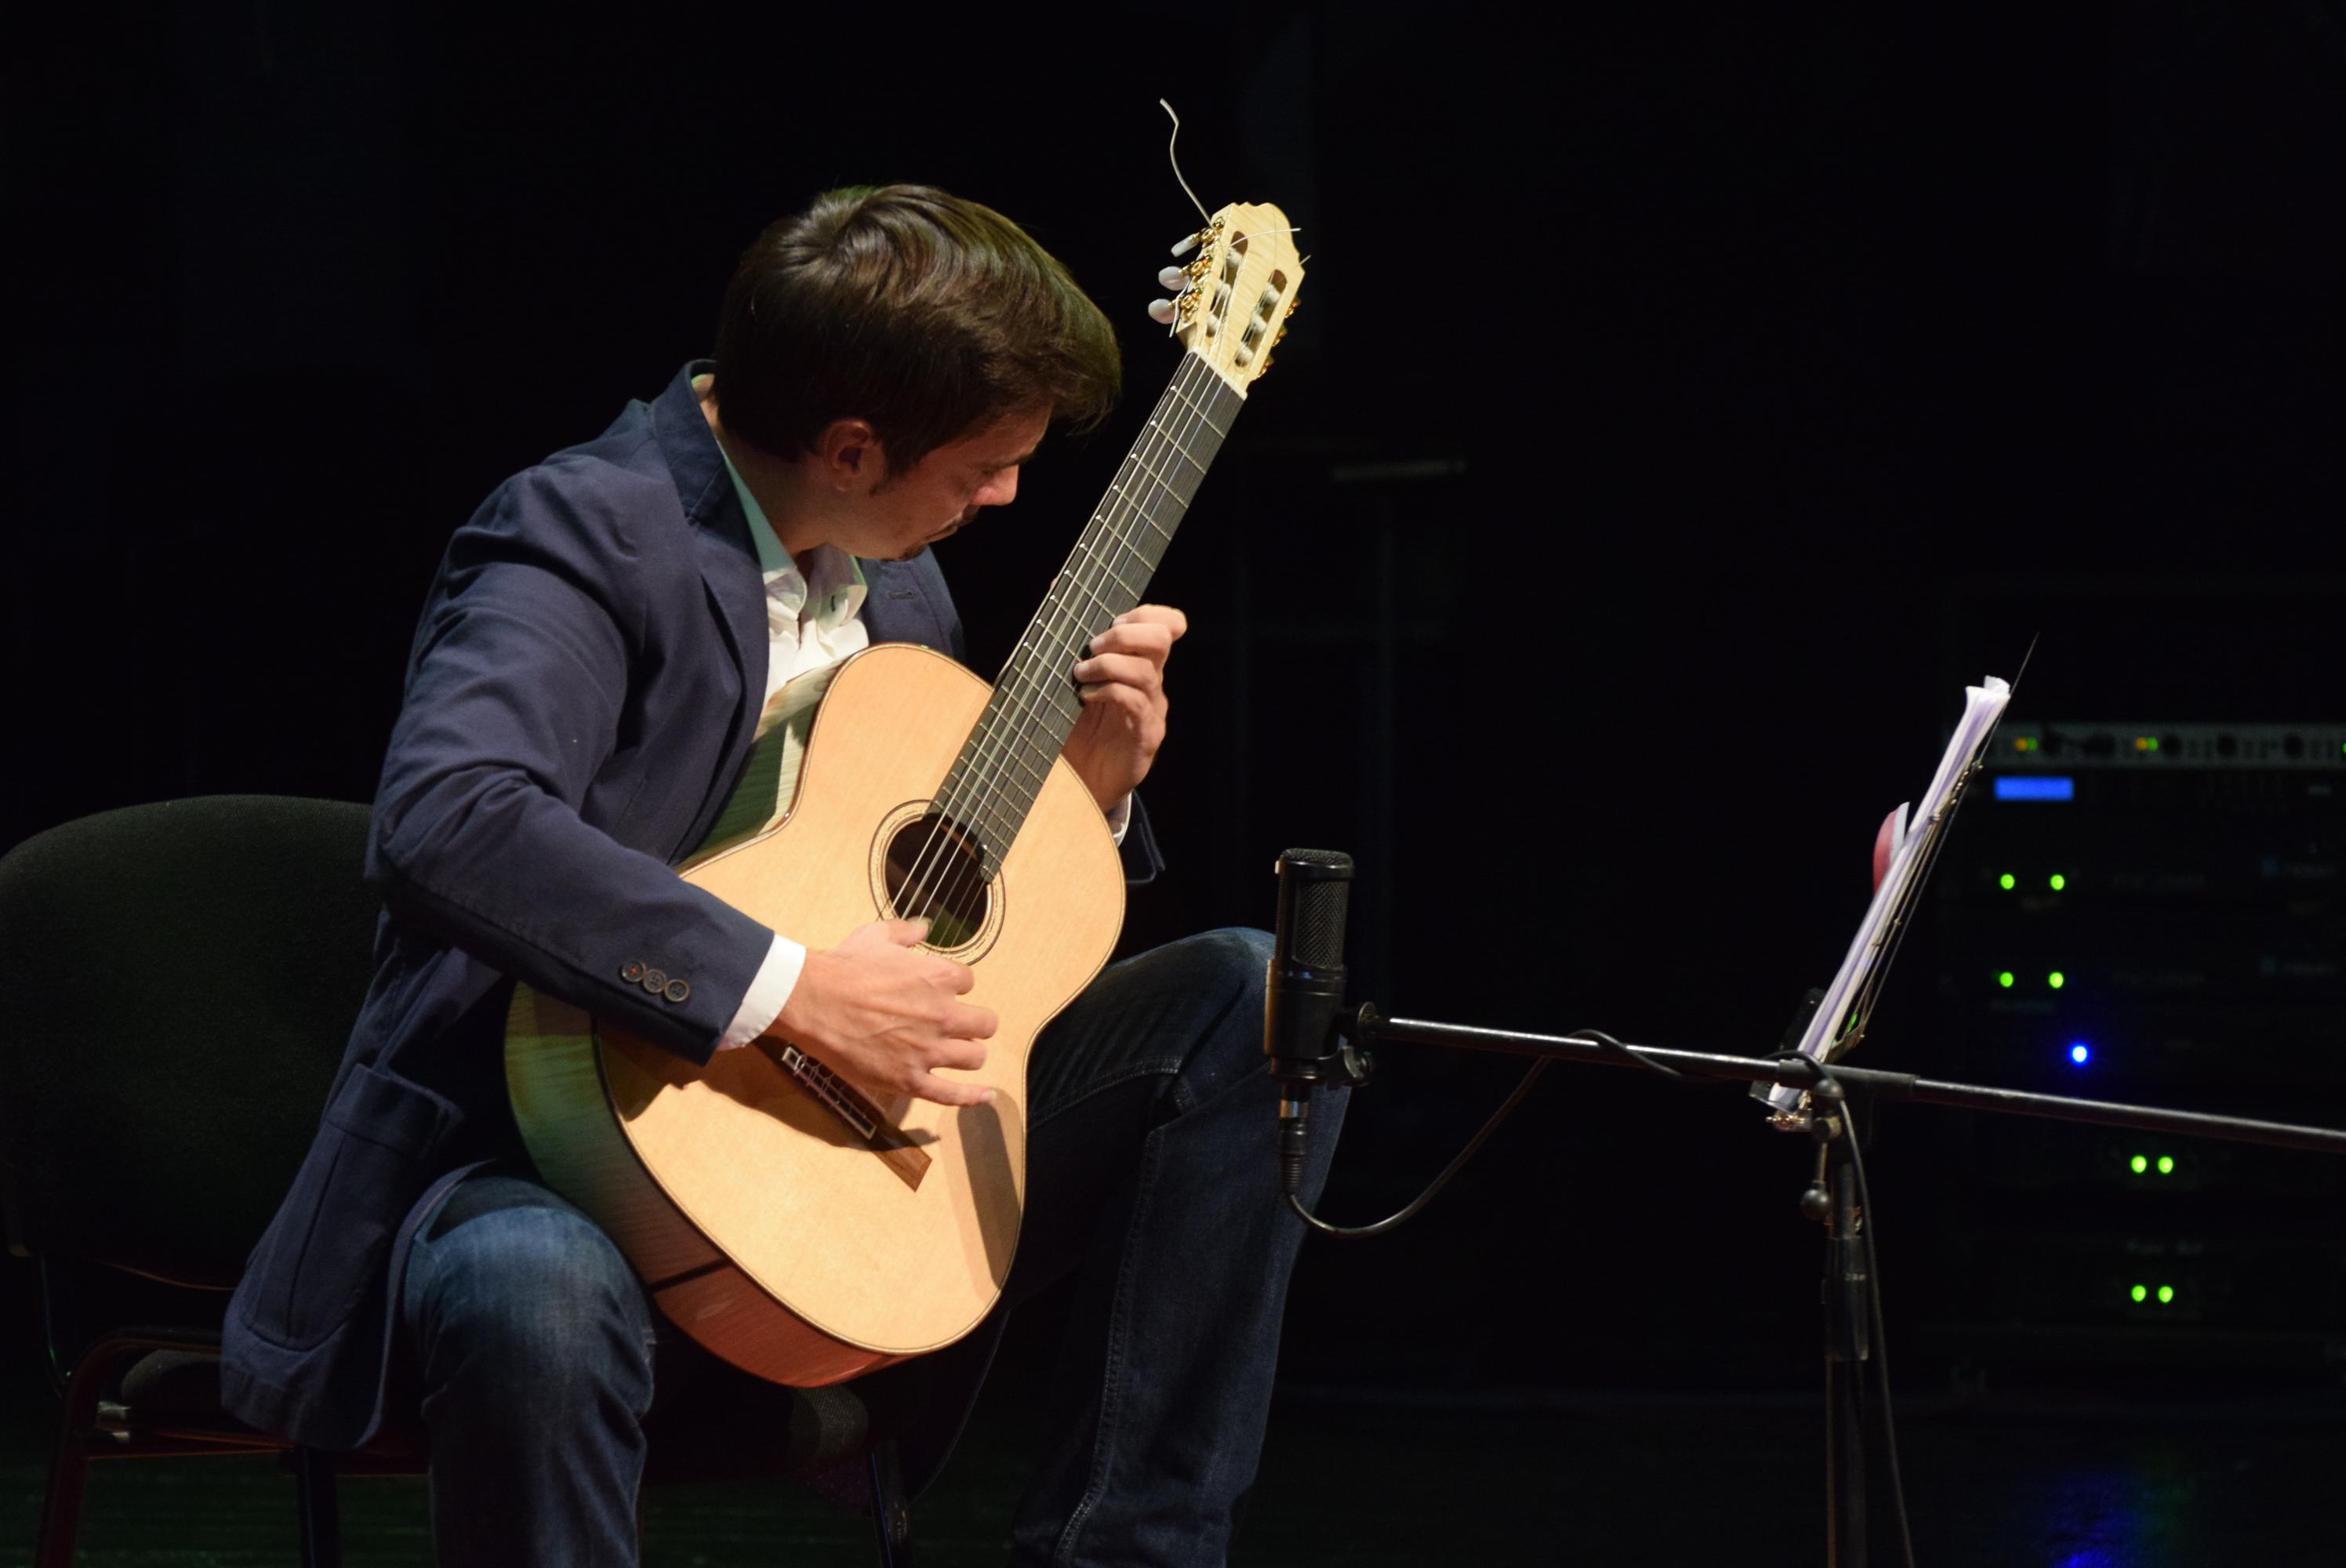 GuitarMaestroAdnanAhmedic